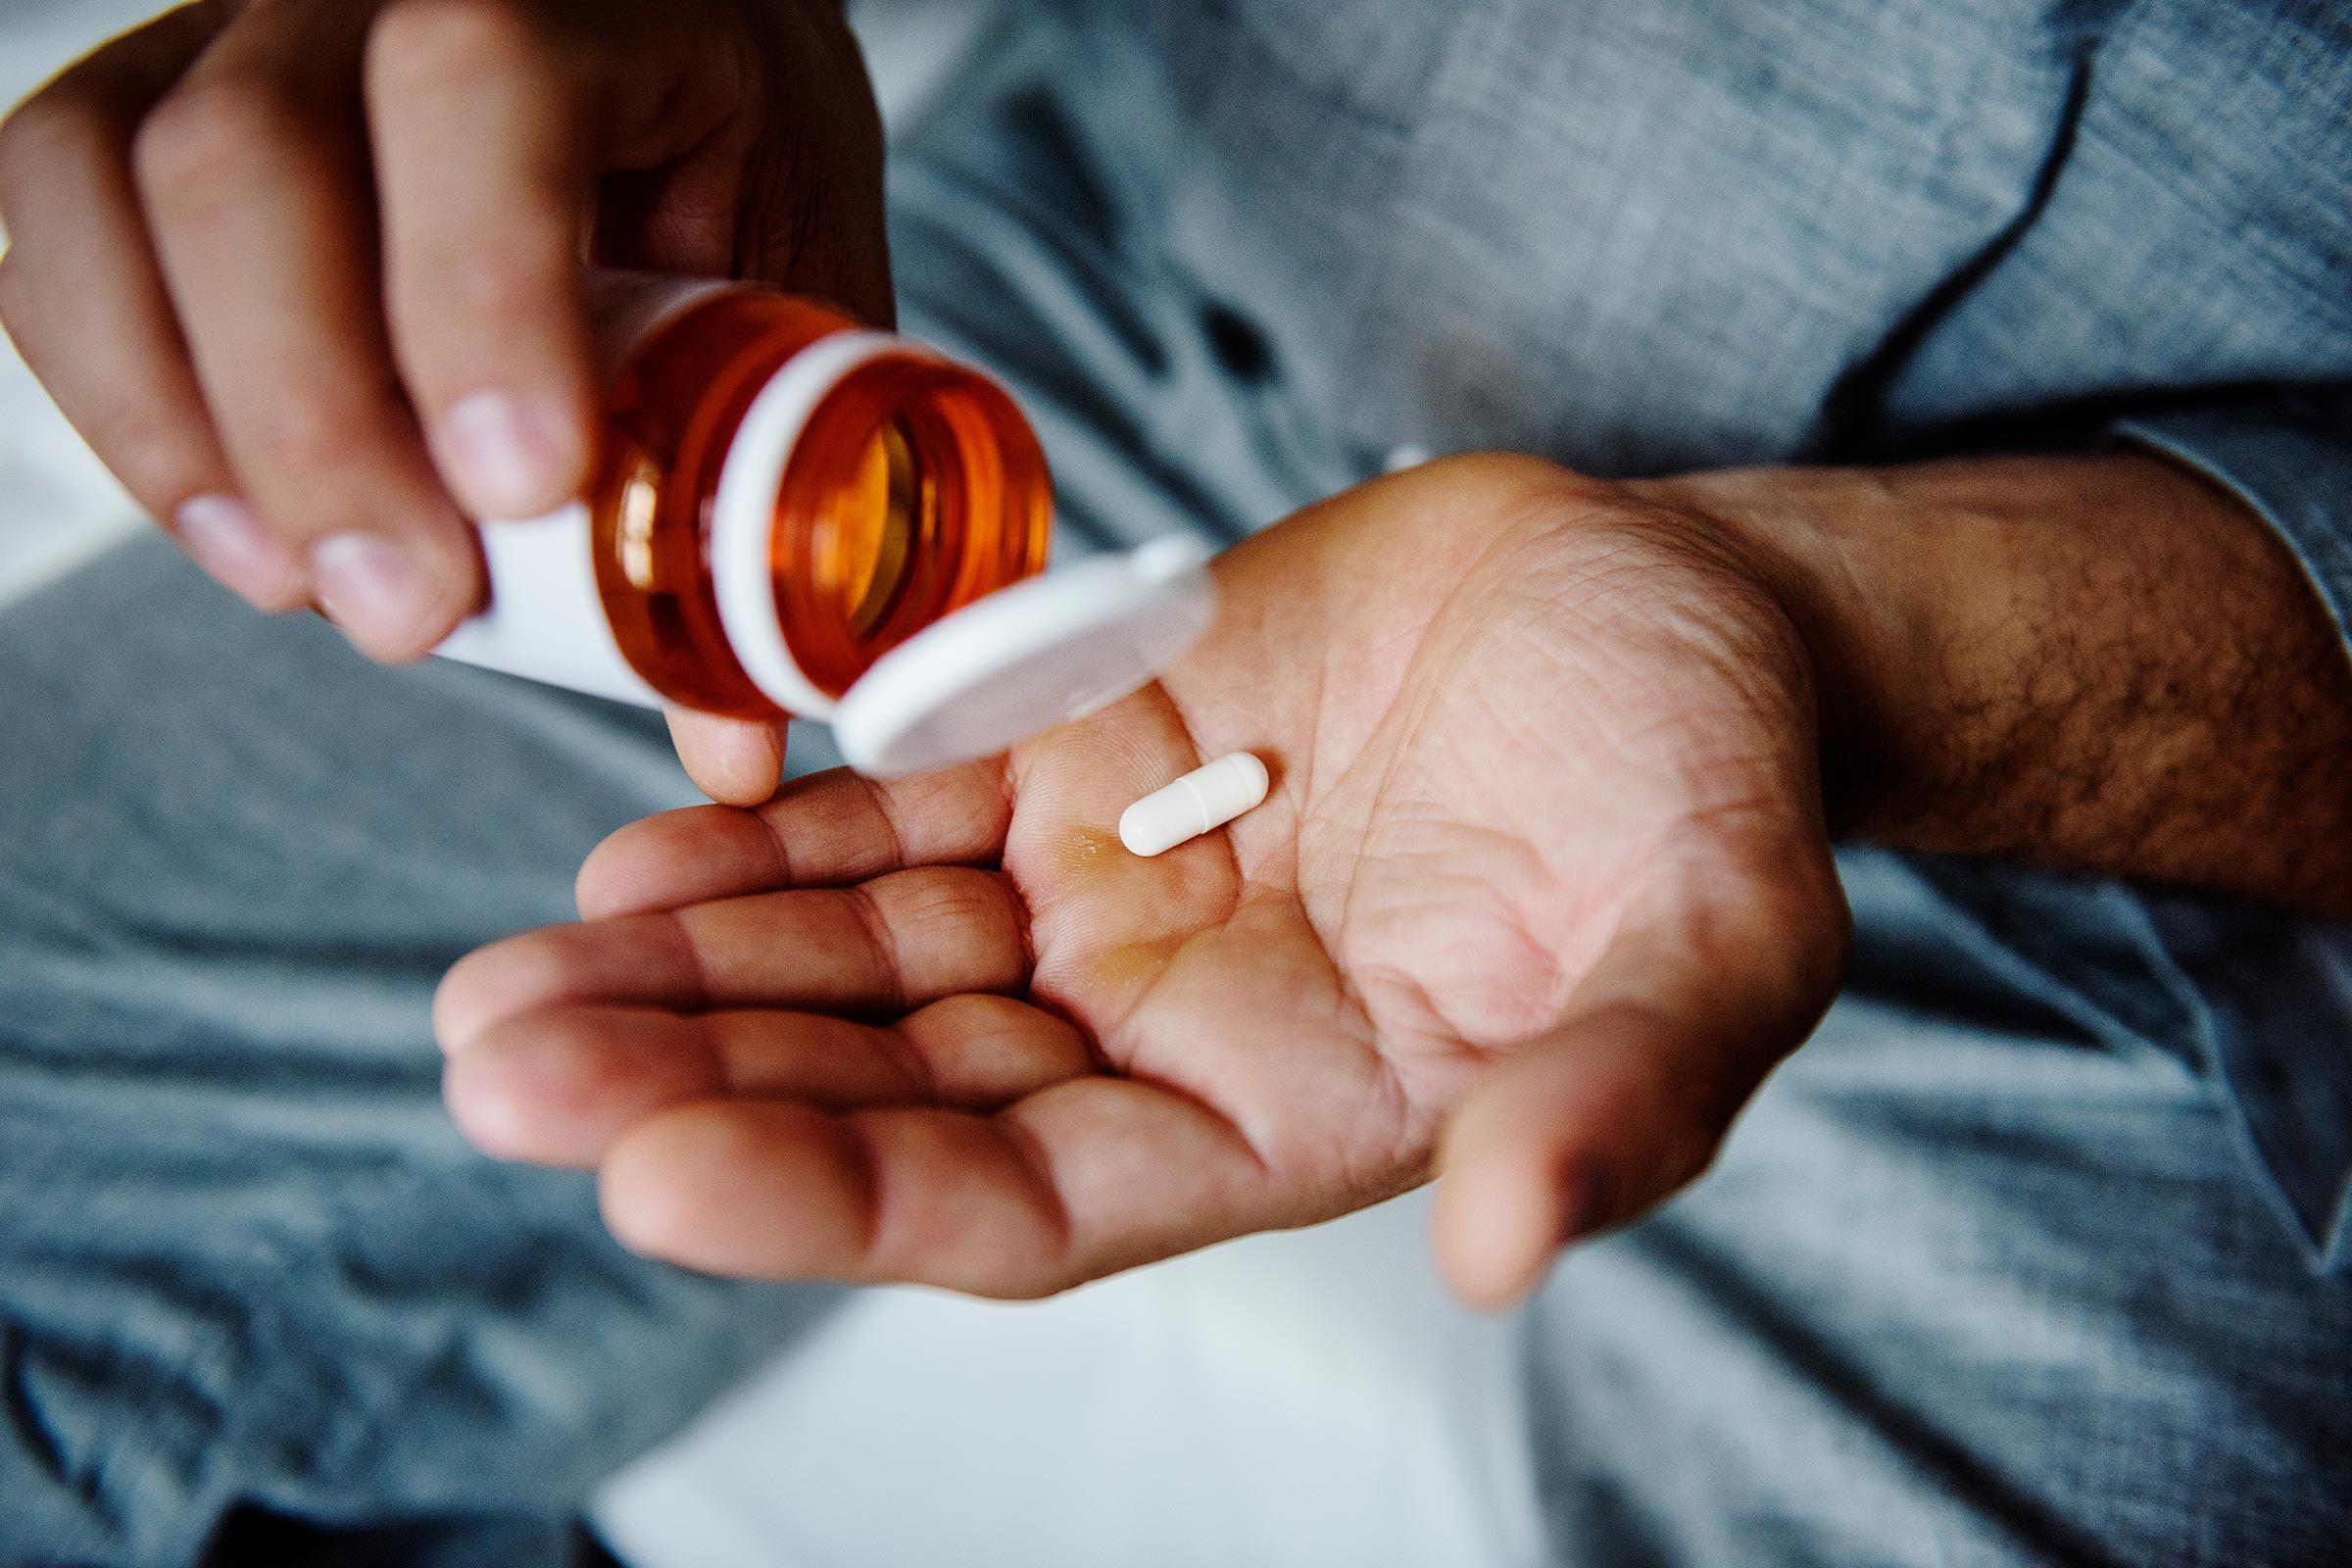 capsule in man's hand